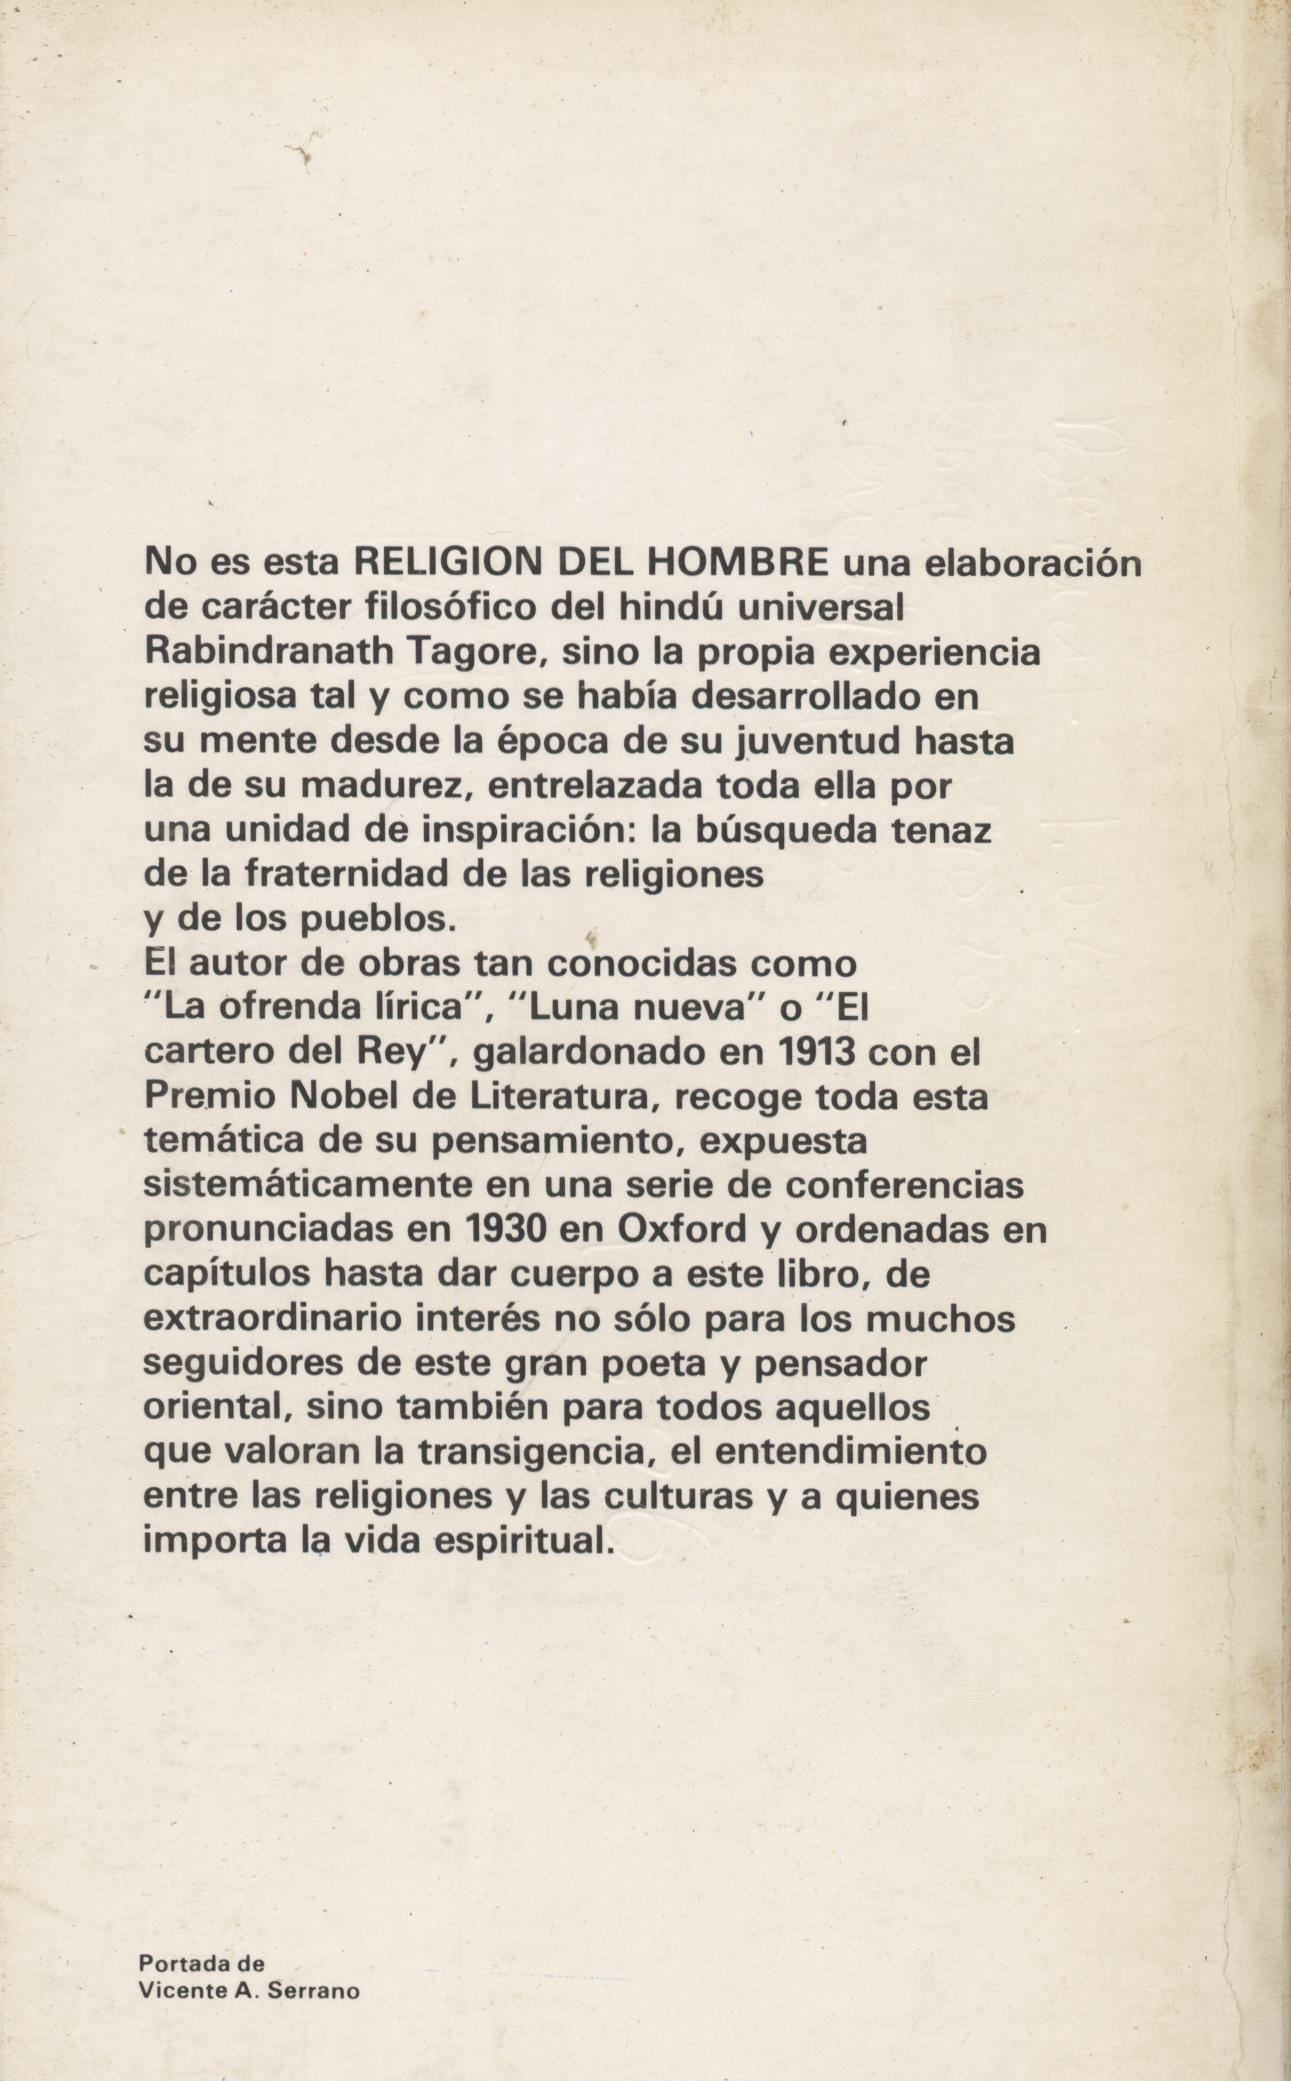 La religión del hombre - Rabindranath Tagore